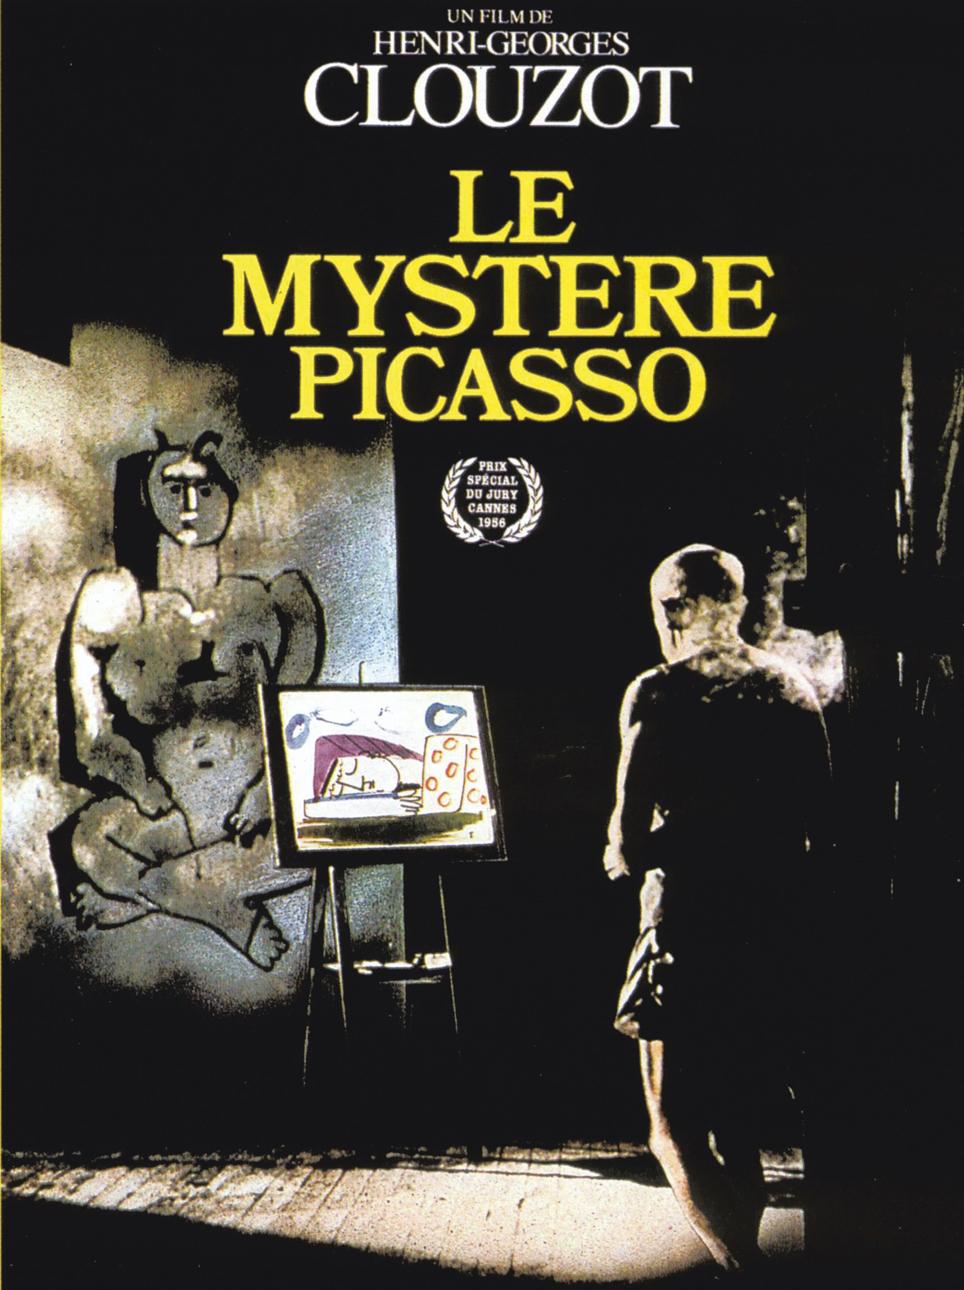 Mystere Picasso - affiche web